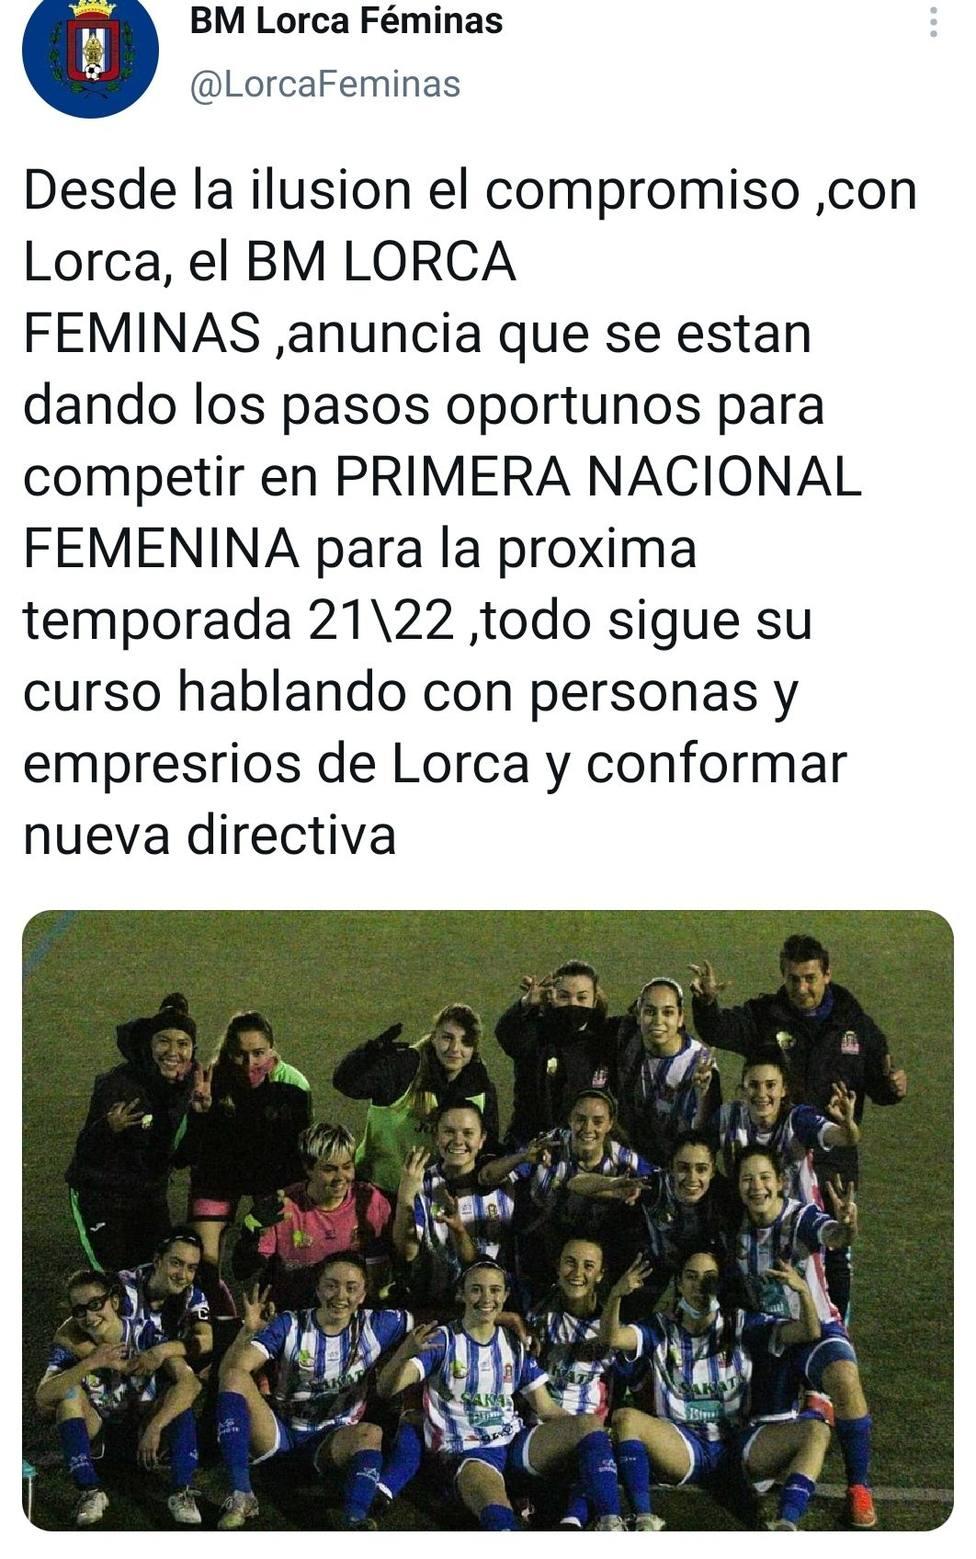 El Lorca Féminas presentará nueva directiva y confían en poder sacar adelante el proyecto 21/22